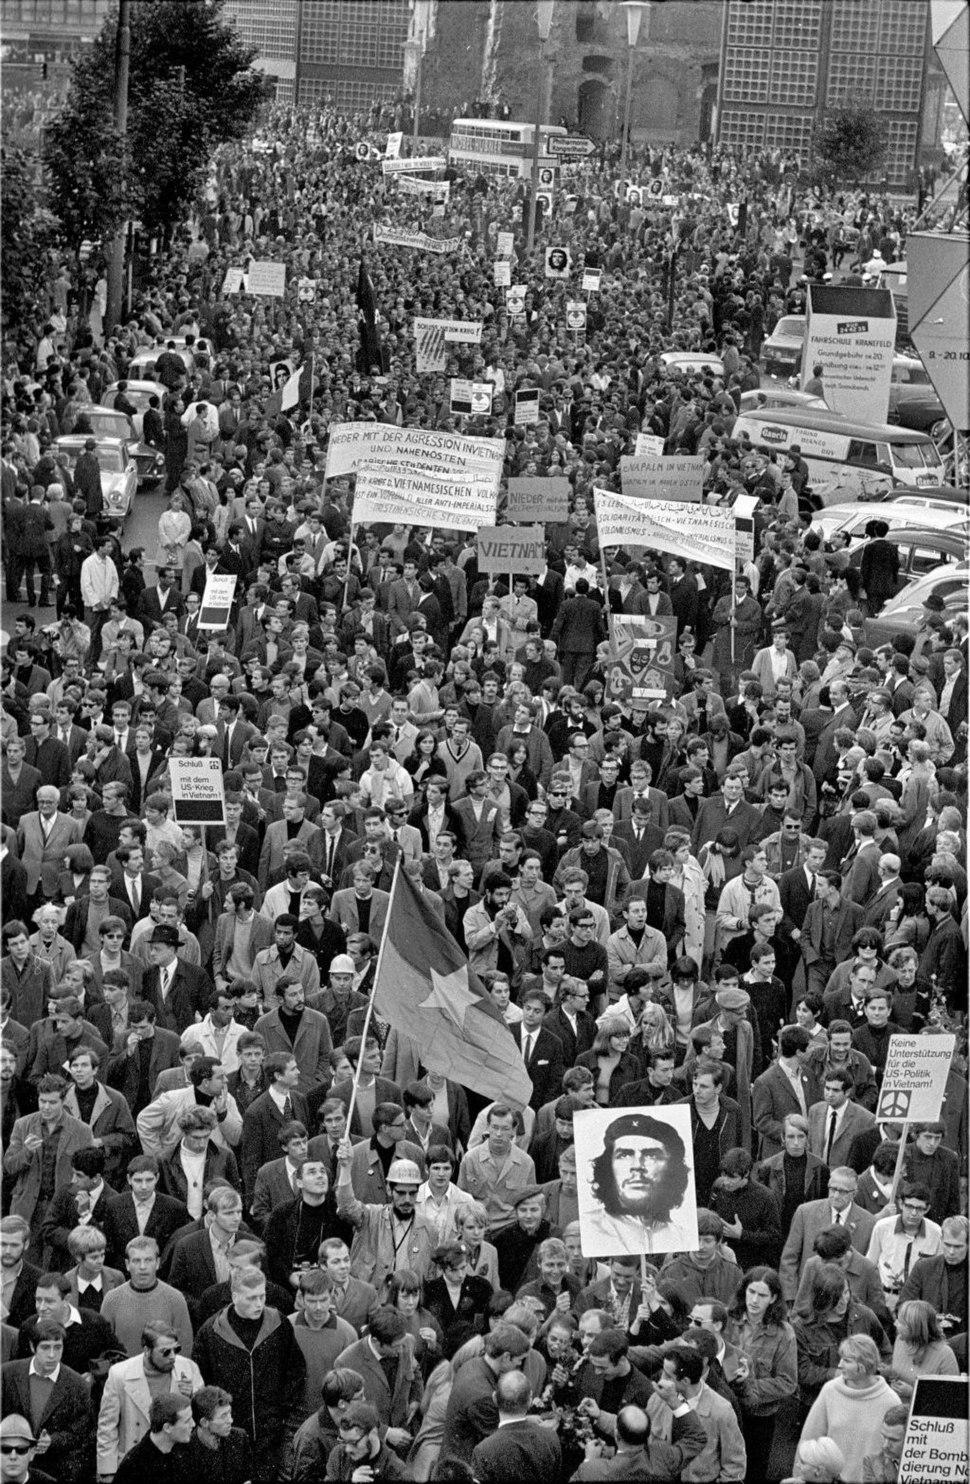 Ludwig Binder Haus der Geschichte Studentenrevolte 1968 2001 03 0275.0011 (16910985309)